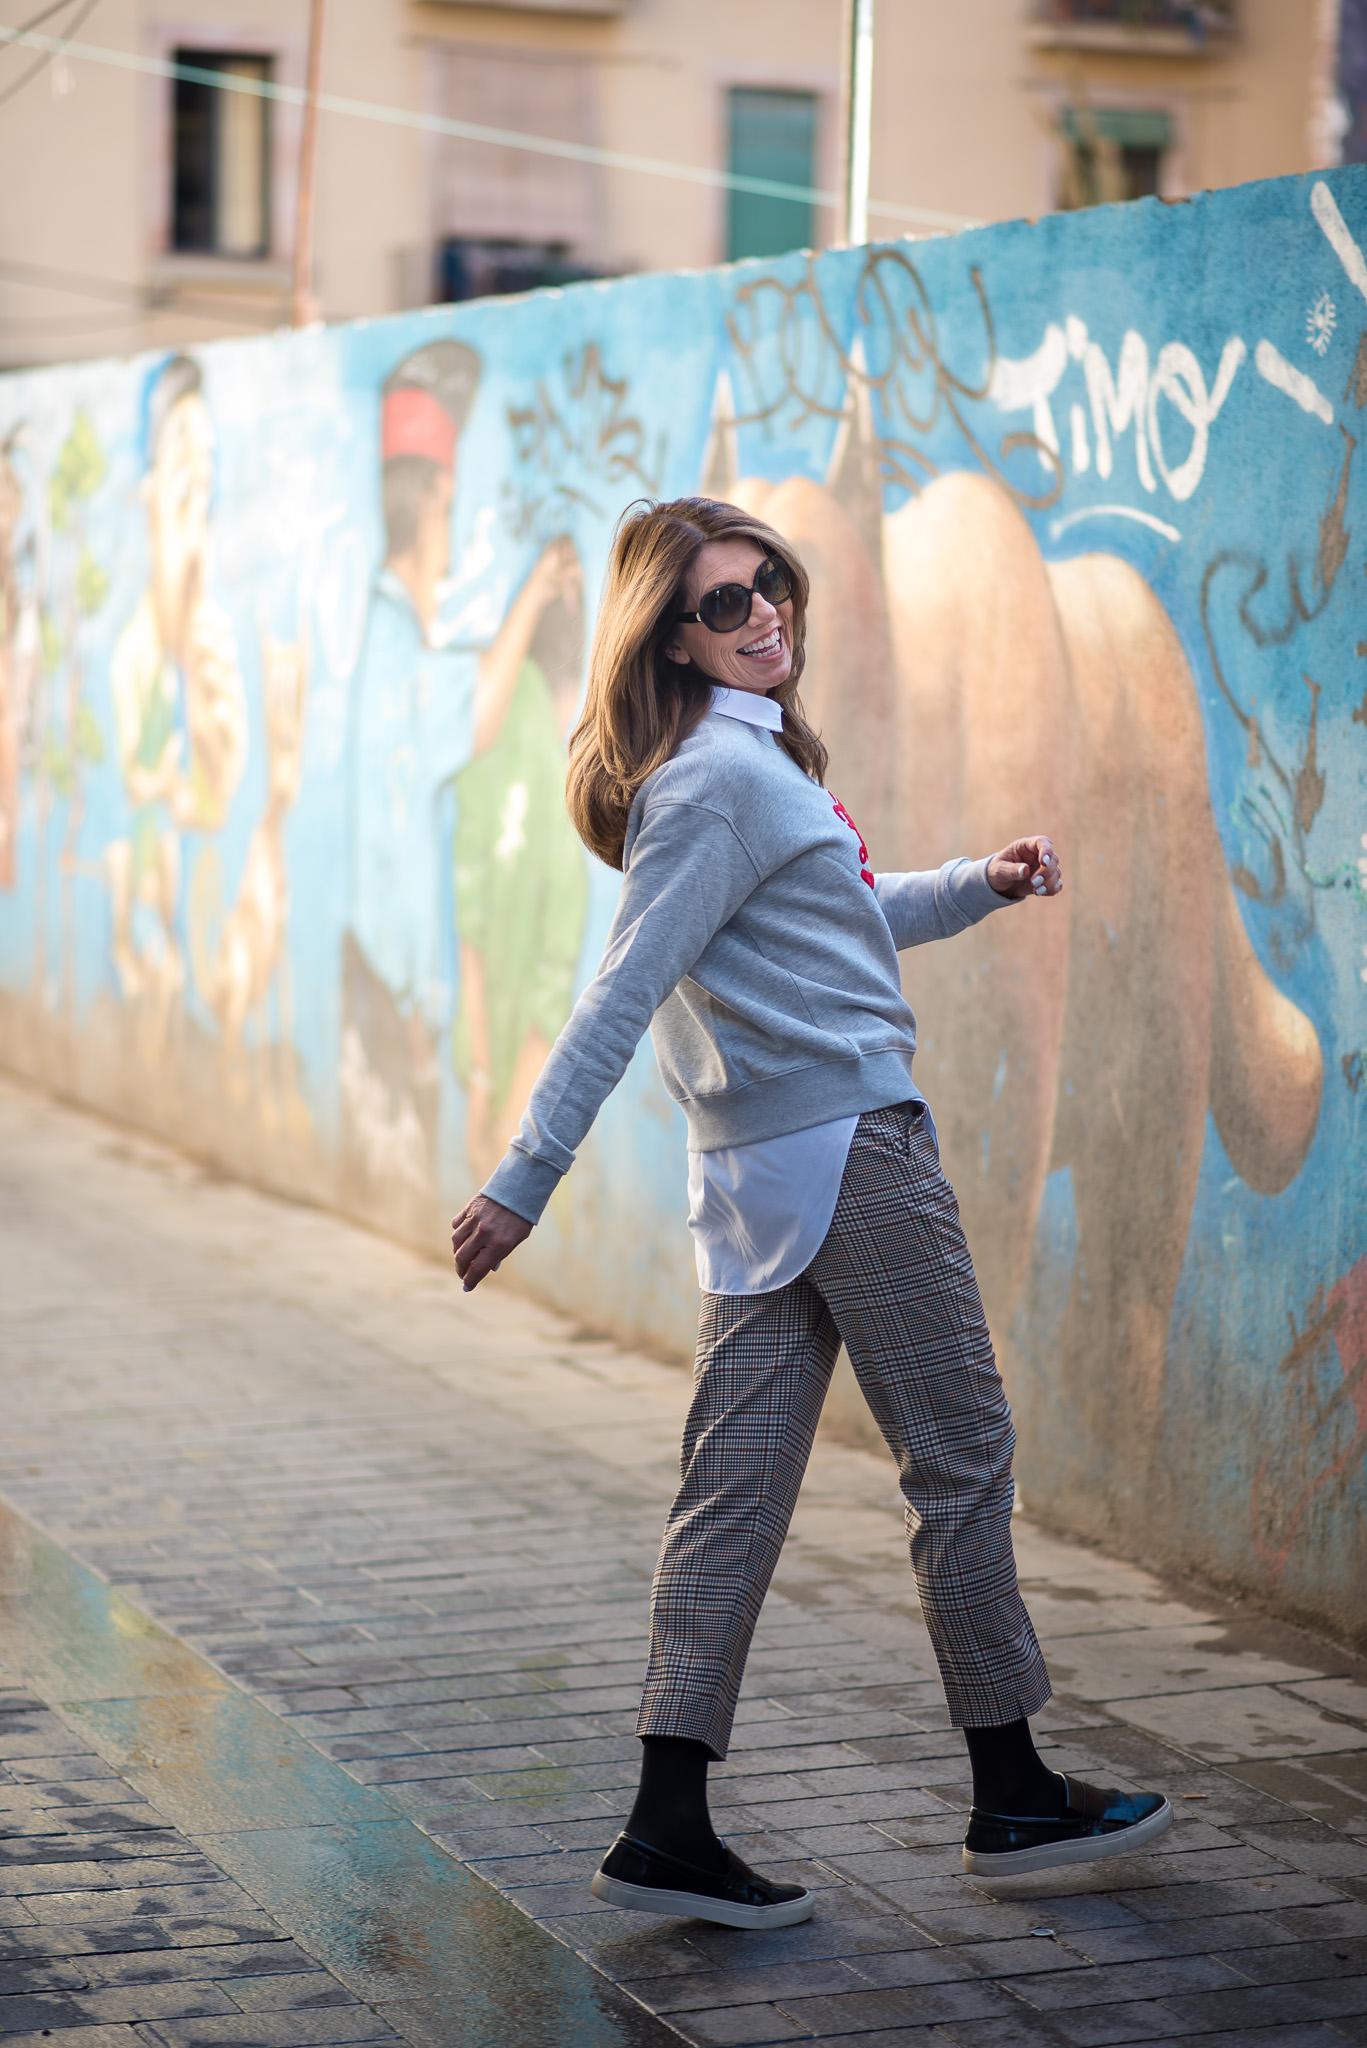 Social Media Break Annika Lagerqvist Photography Annika Lagerqvist www.annikasomething.com